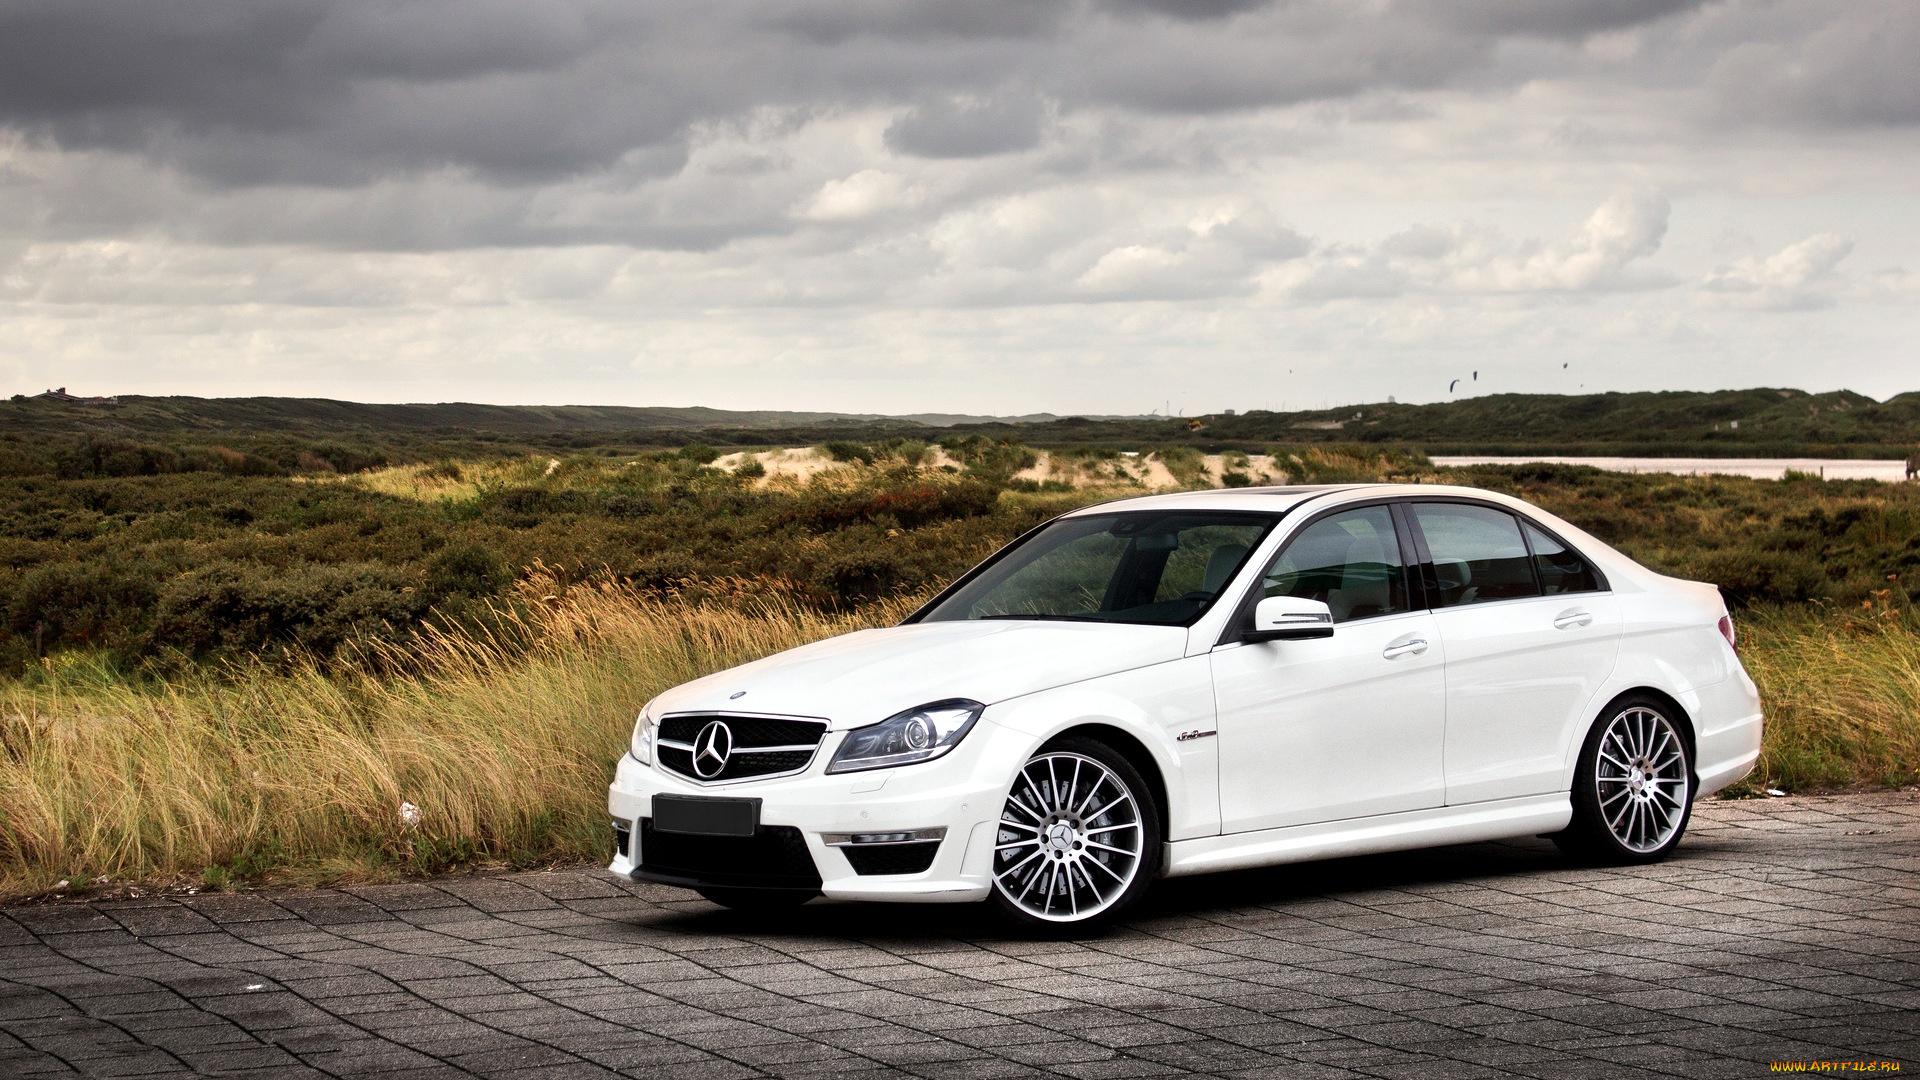 мерседес серебристый Mercedes silver бесплатно